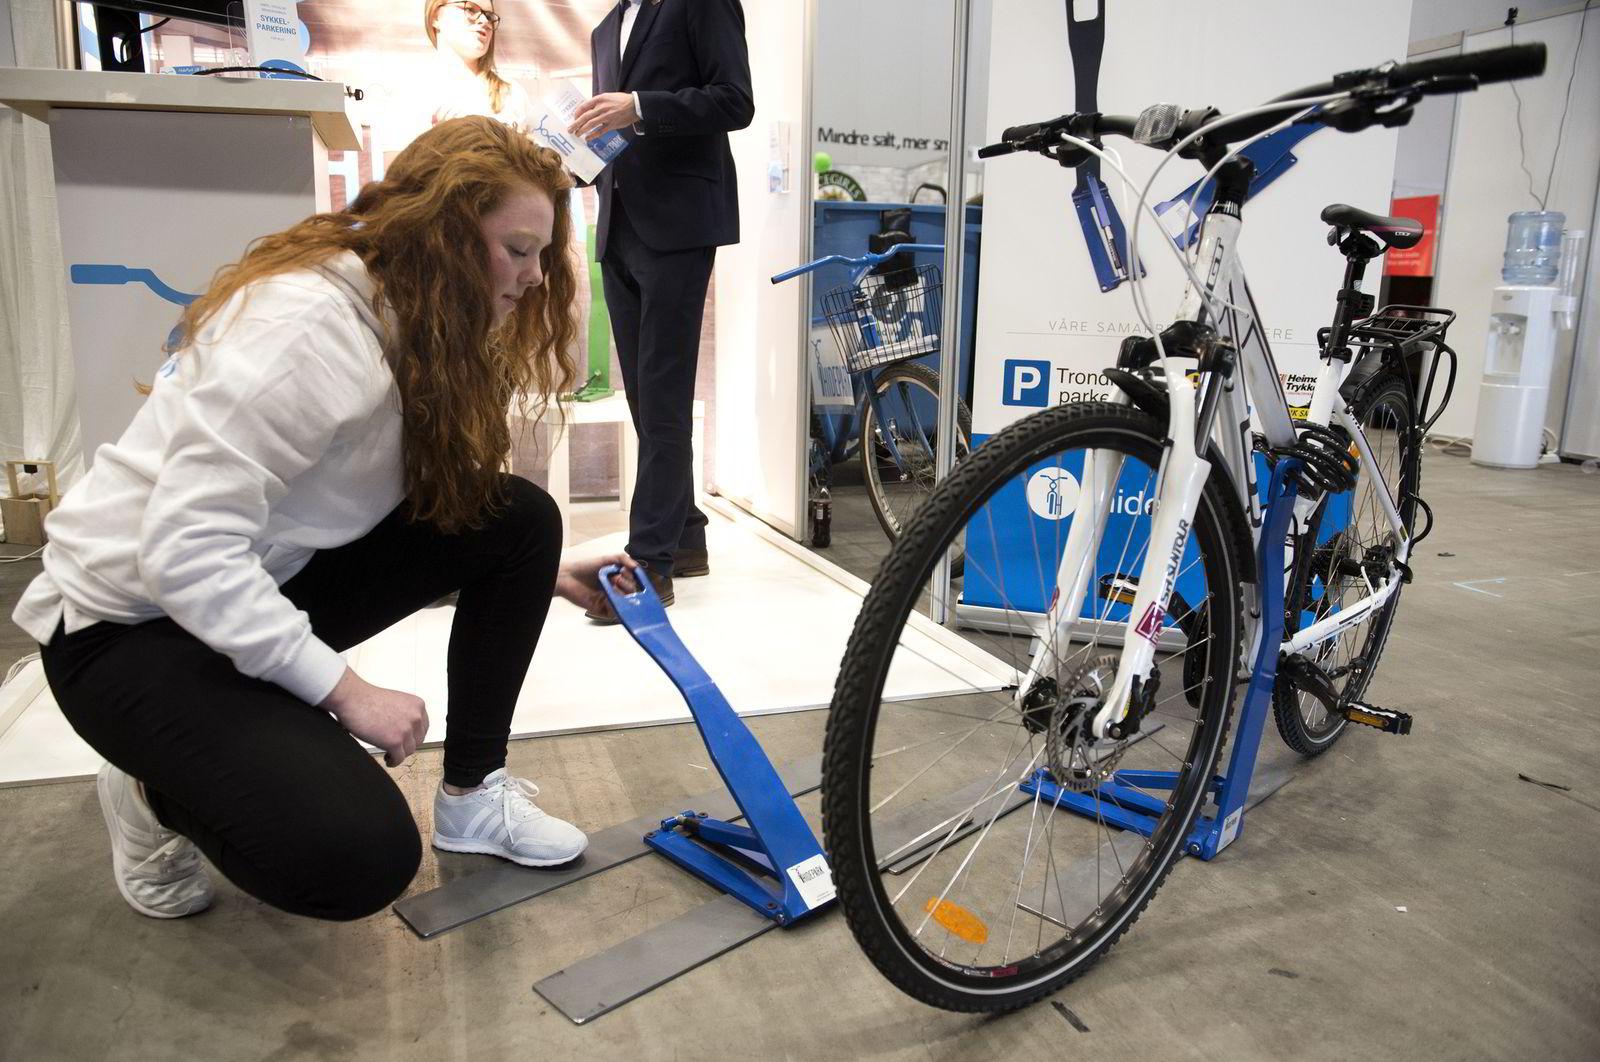 Ungdomsbedriften Hidepark har laget sammenleggbart sykkelstativ. Emilie Hangerhagen demonstrerer hvordan den fungerer. Bedriften ble kåret til beste ungdomsbedrift under NM i Ungt Entreprenørskap 2016.